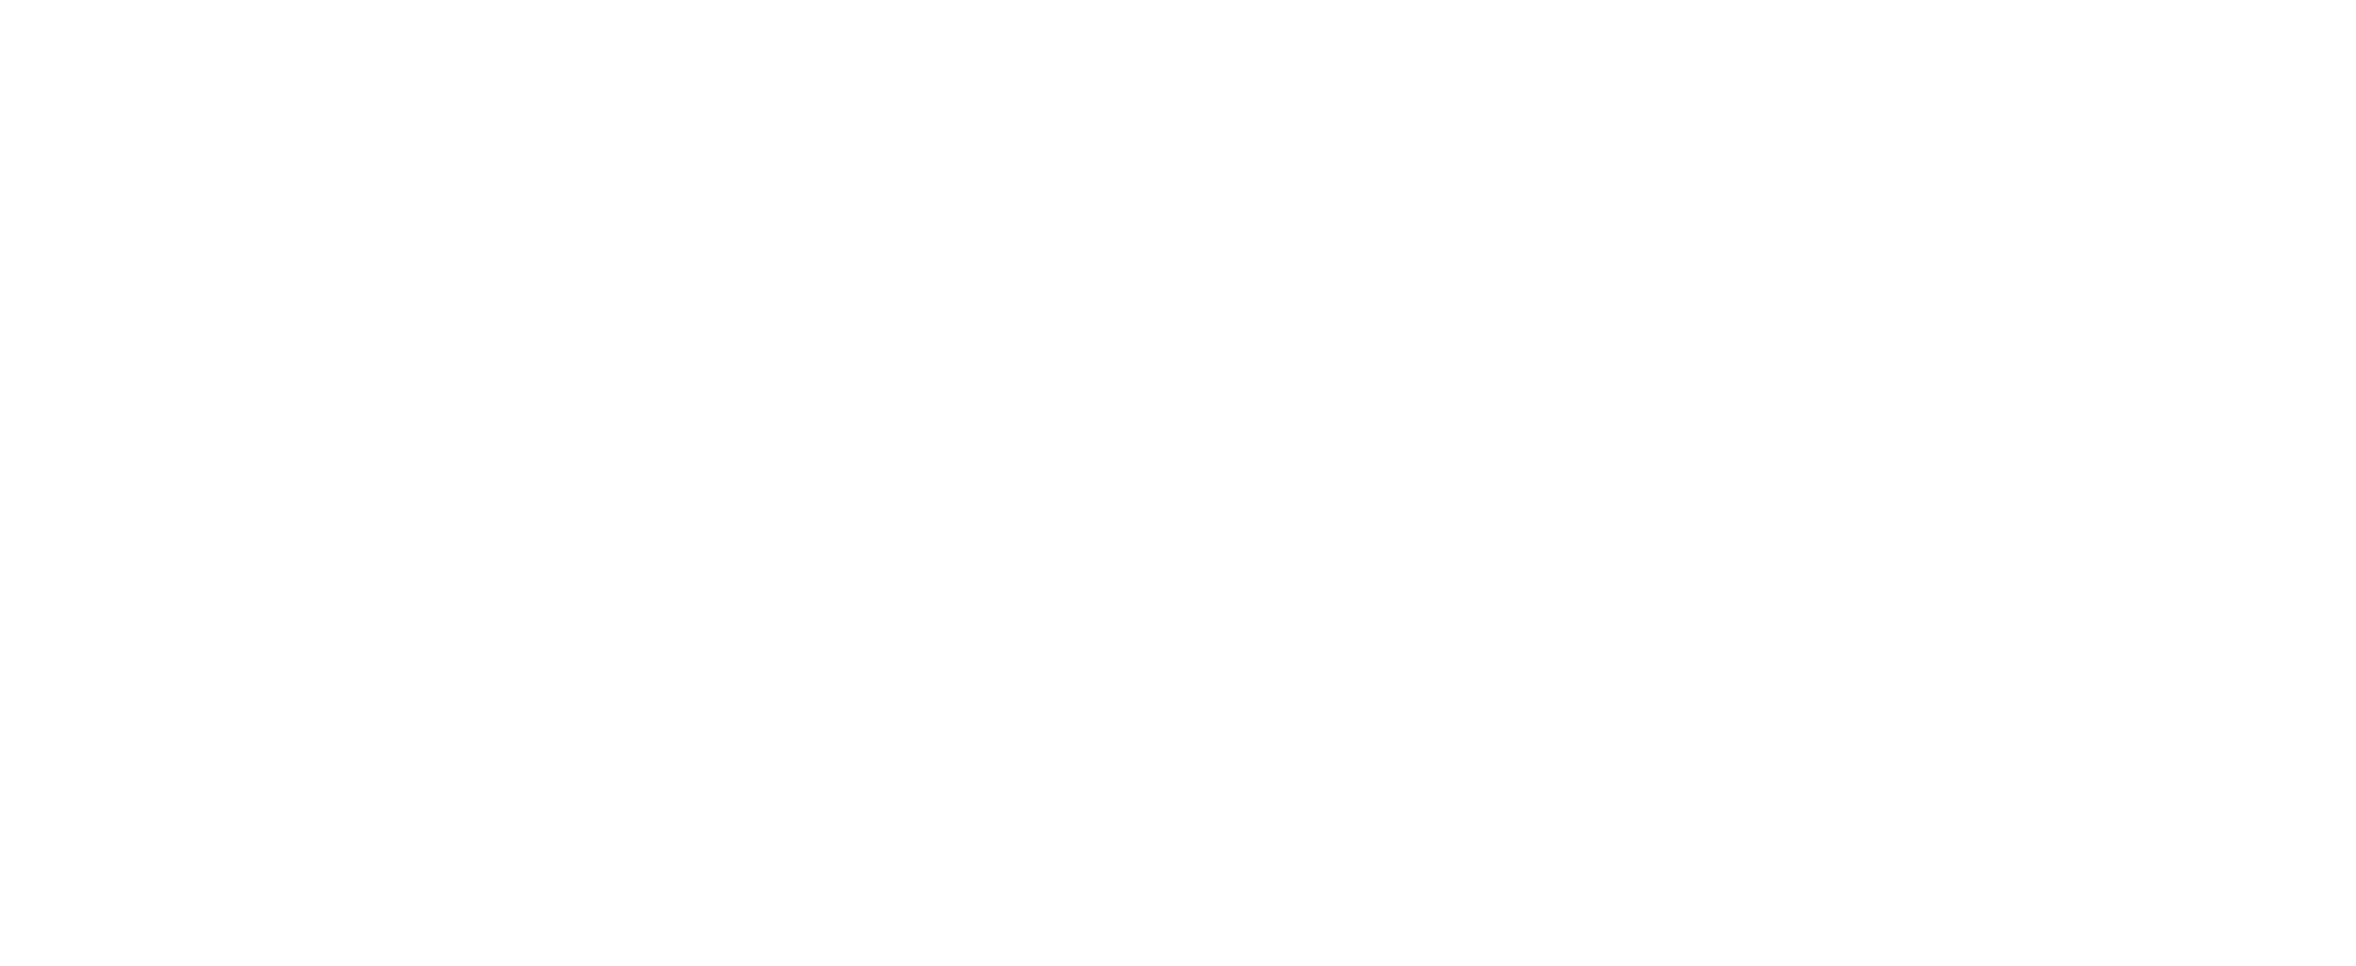 Gol linhas aereas logo clipart clip art freeuse download GOL | Arredondar clip art freeuse download